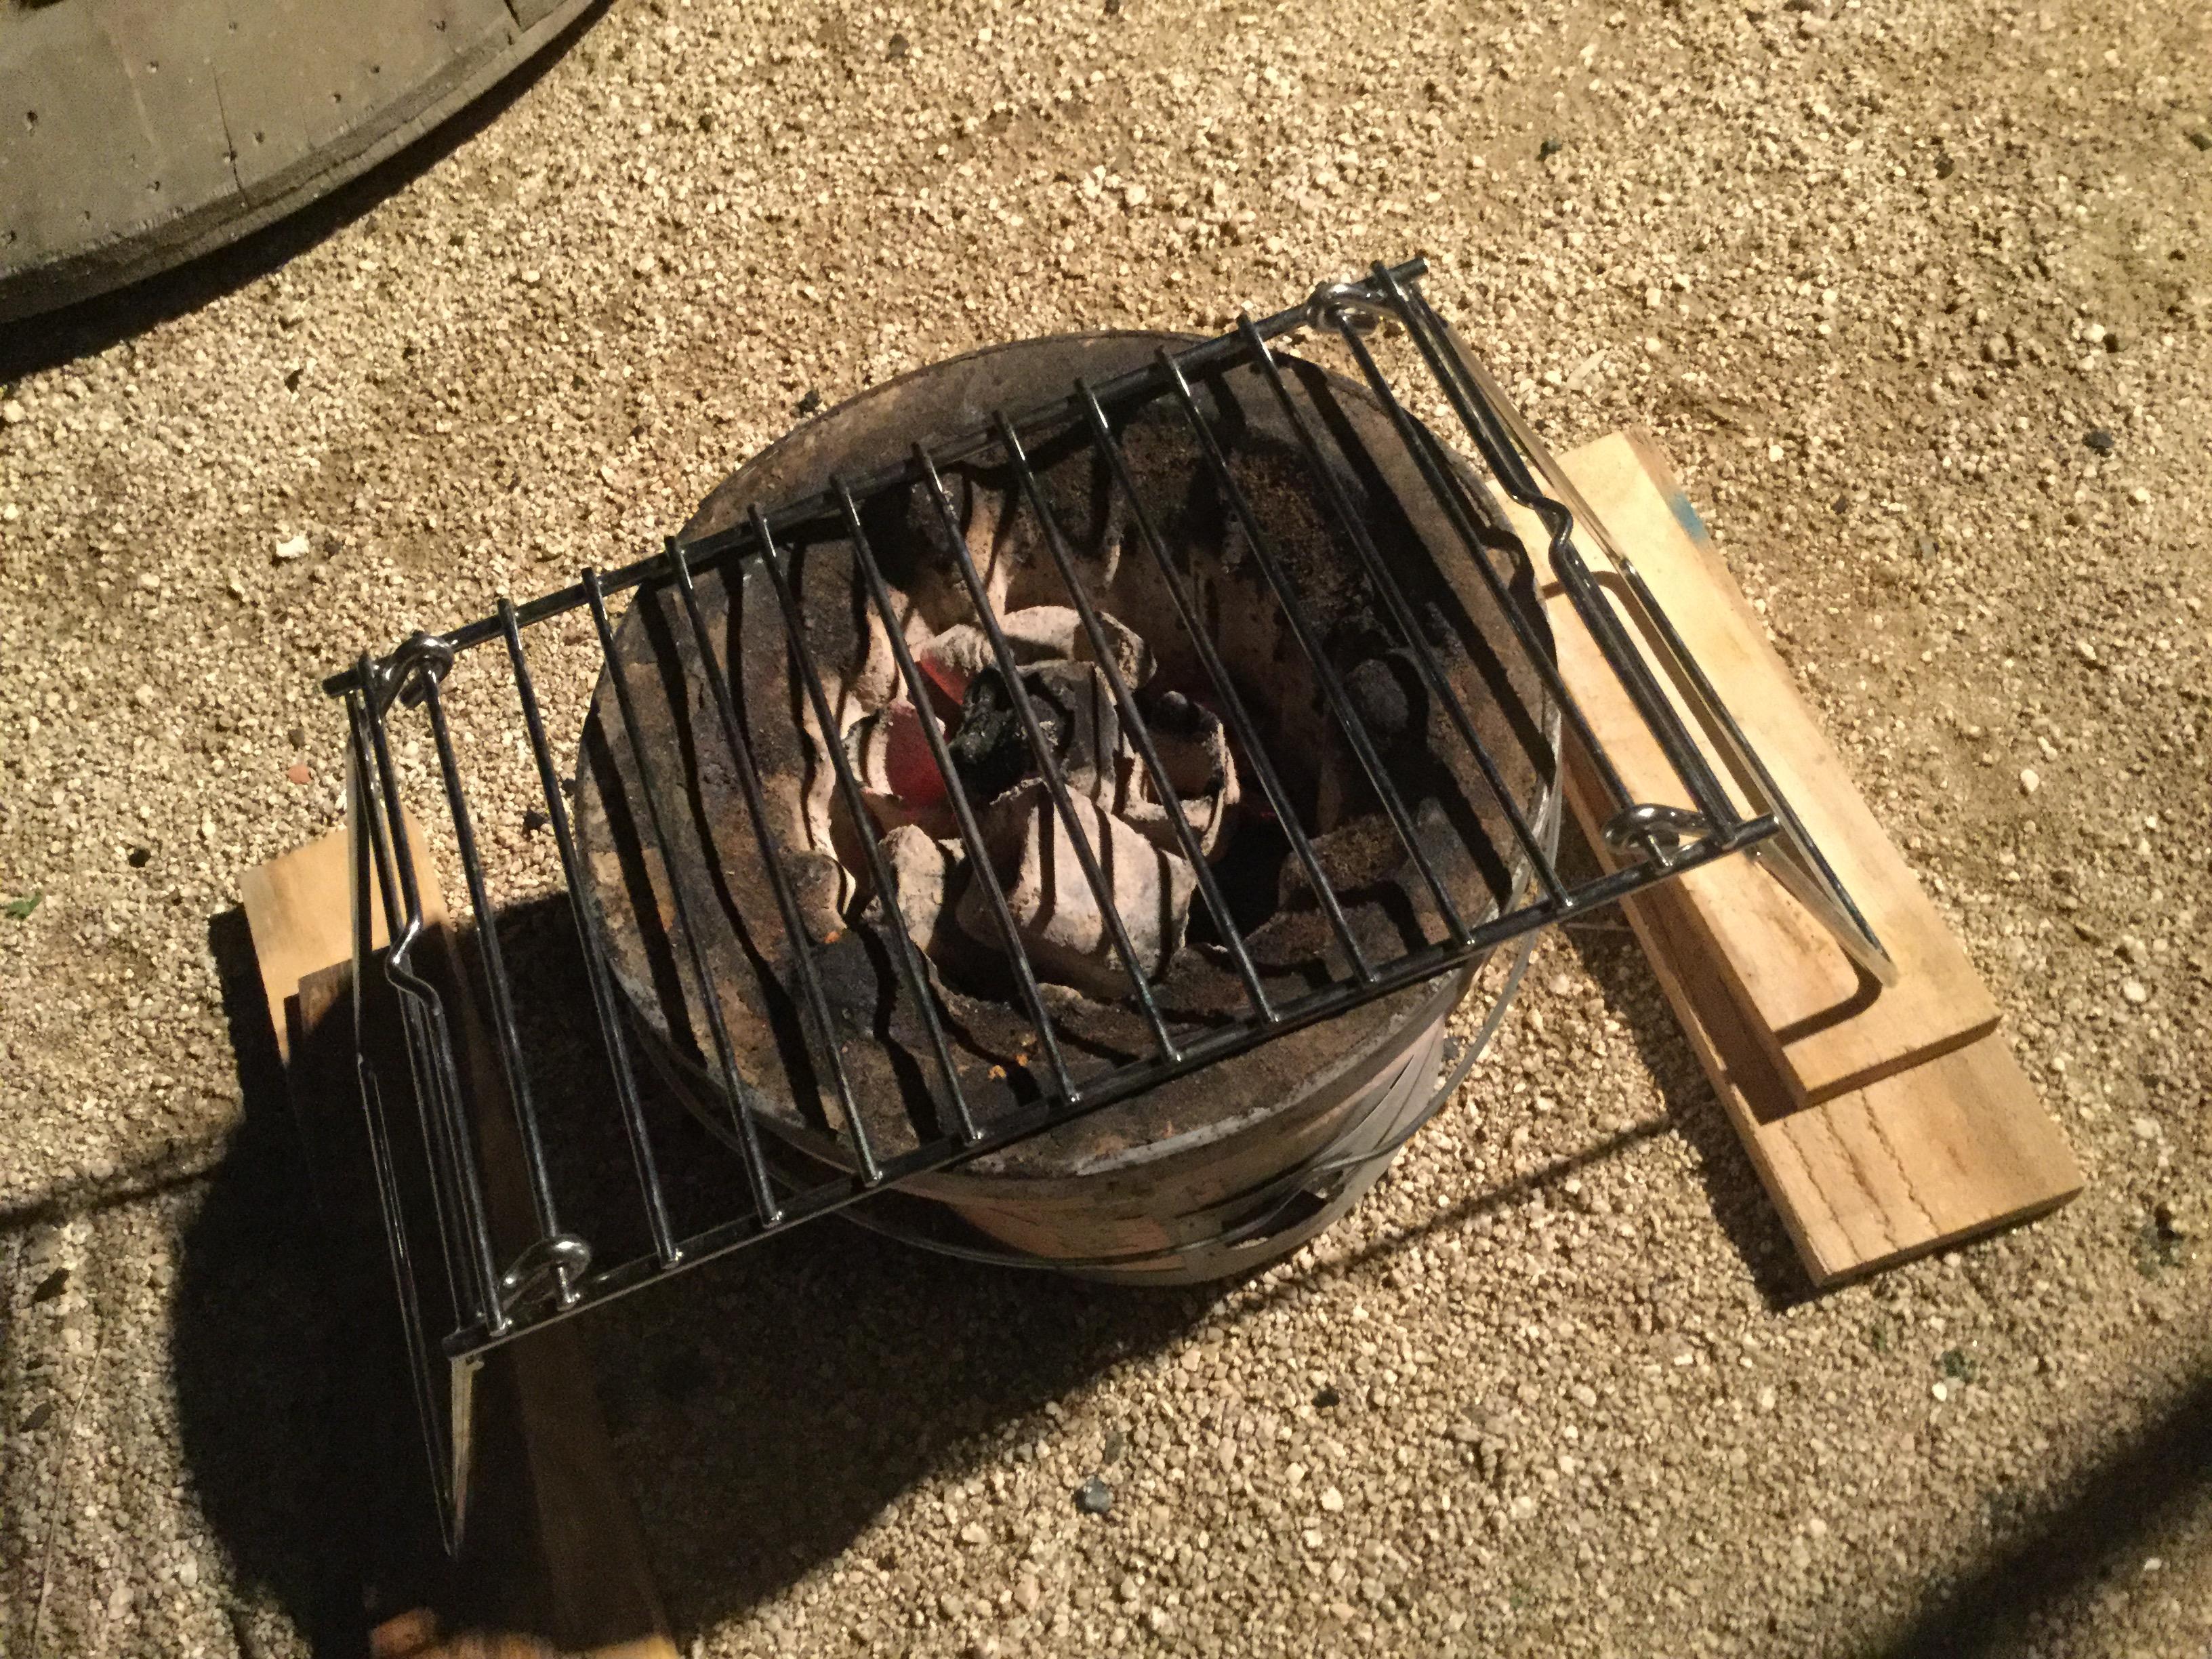 アイテム使用実験!キャプテンスタッグの網で綺麗なステーキを焼きたい!